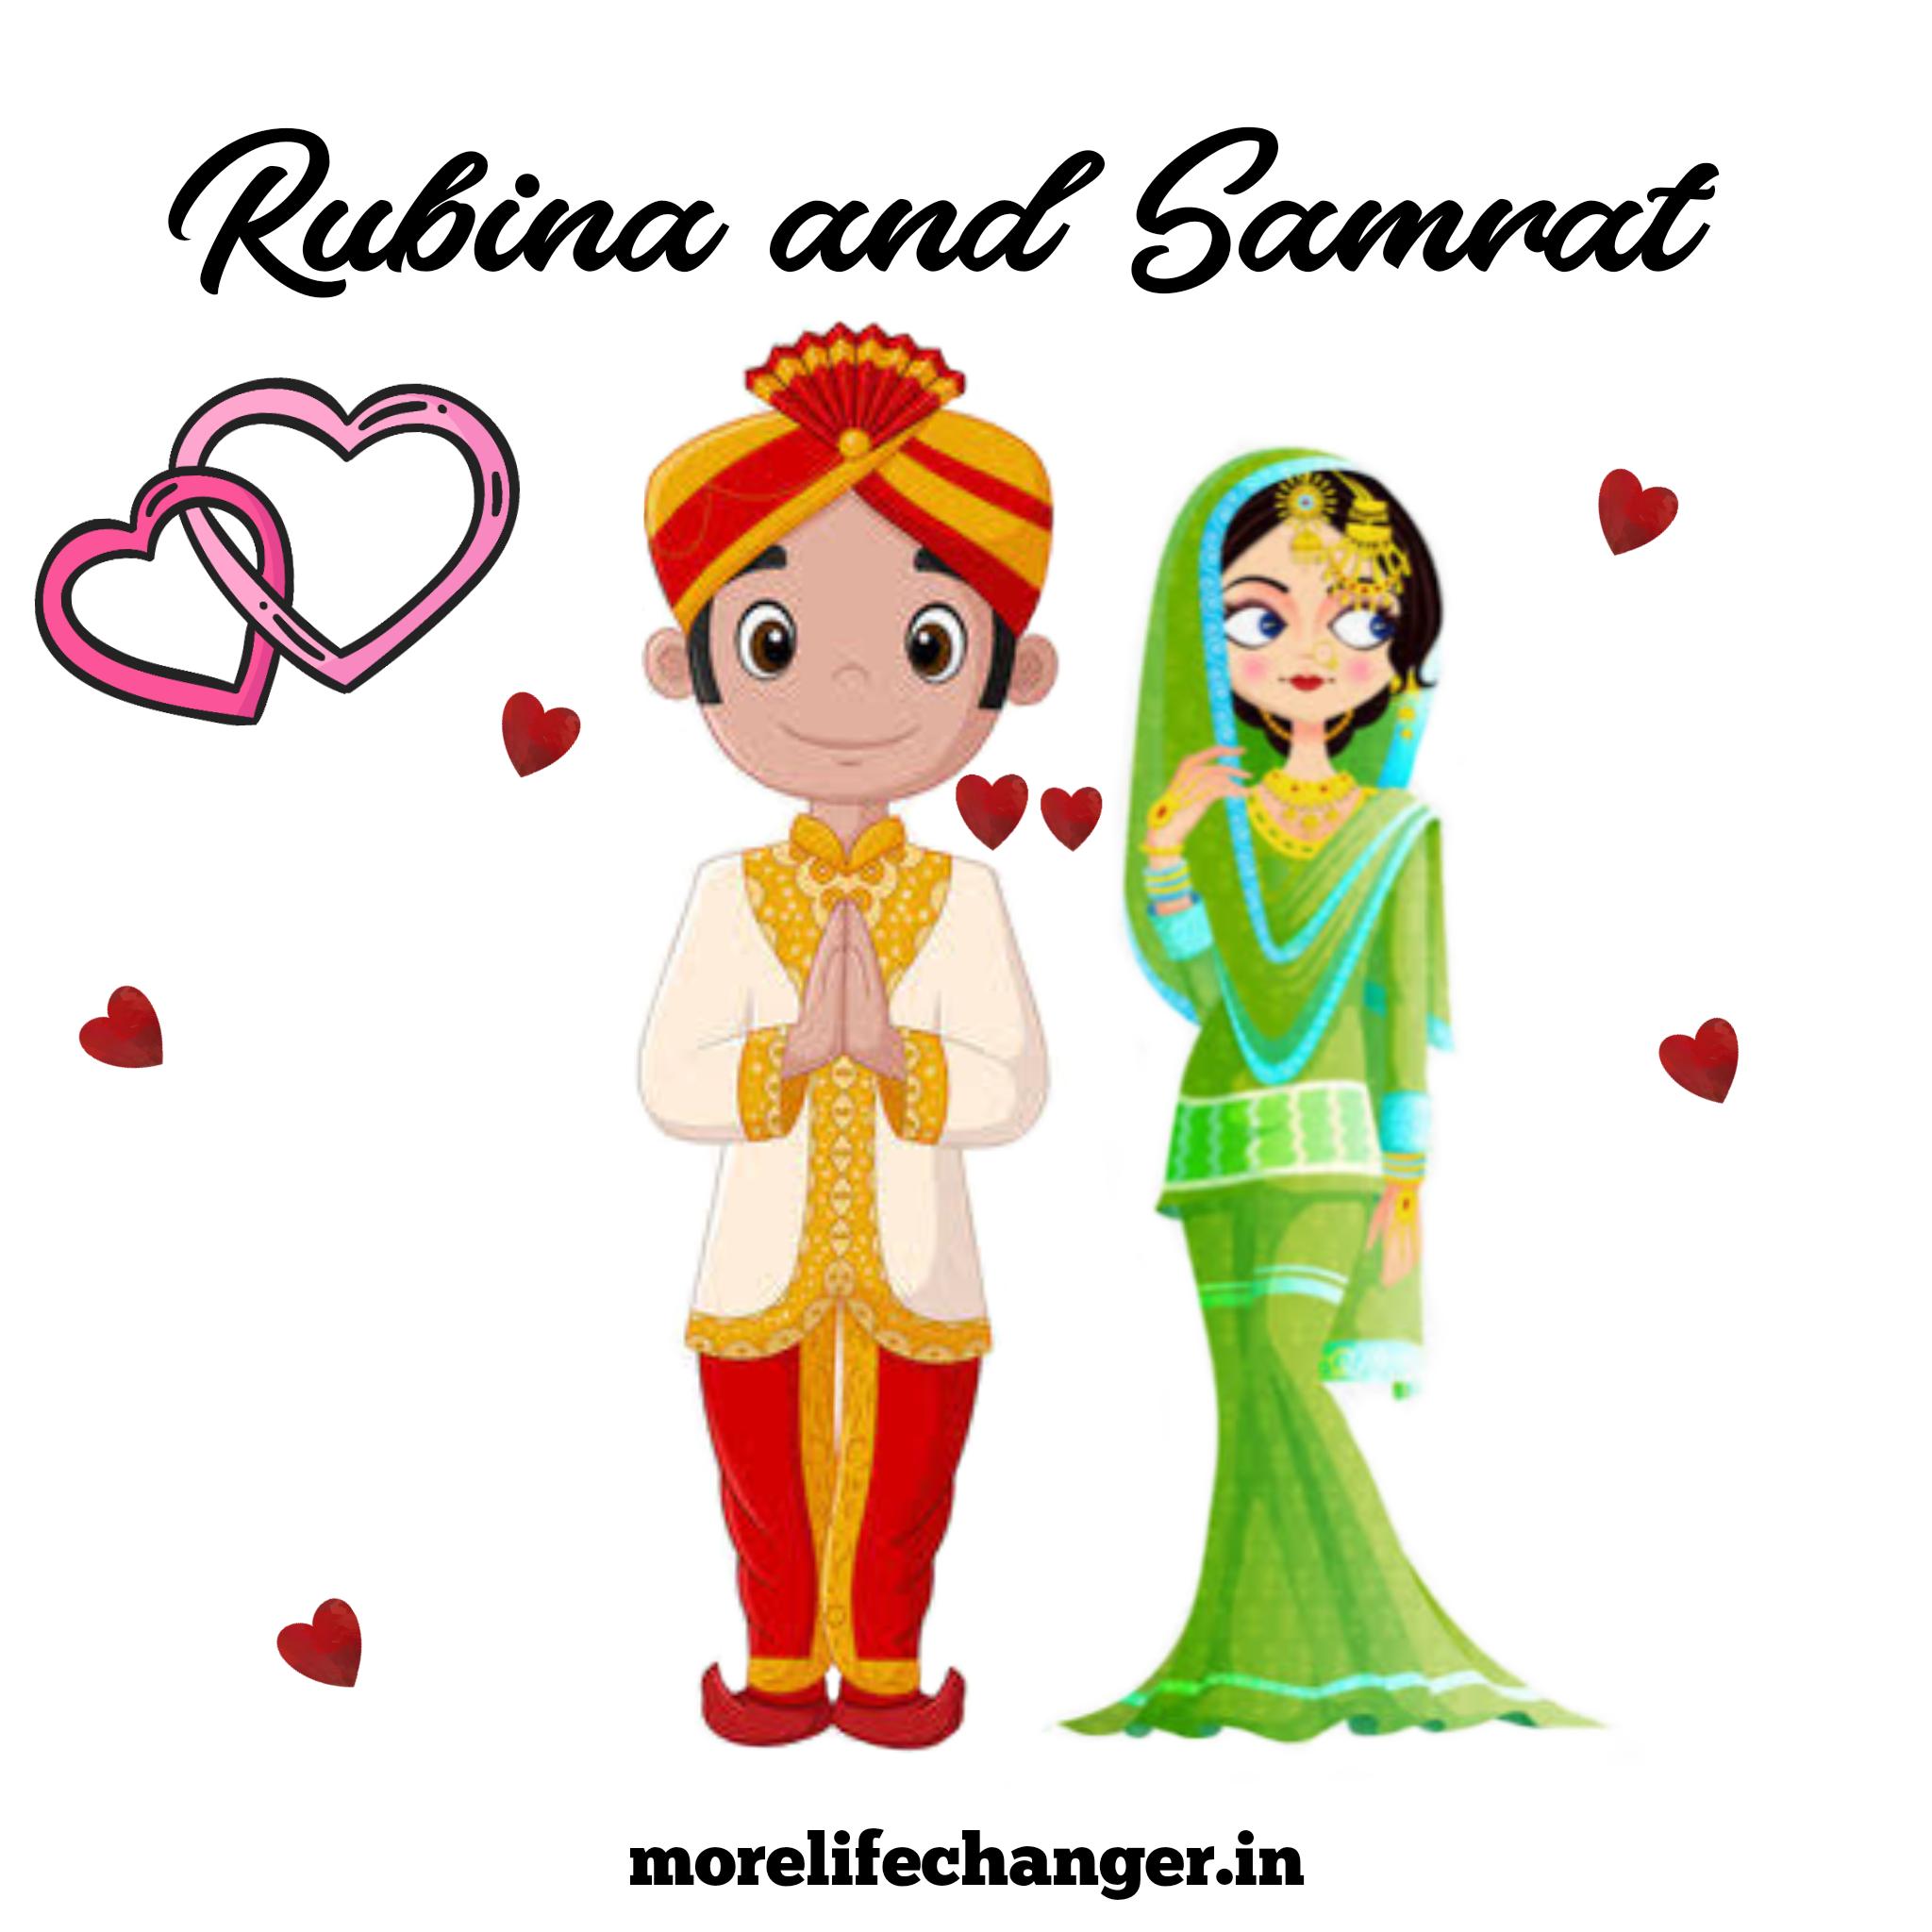 Rubina and Samrat